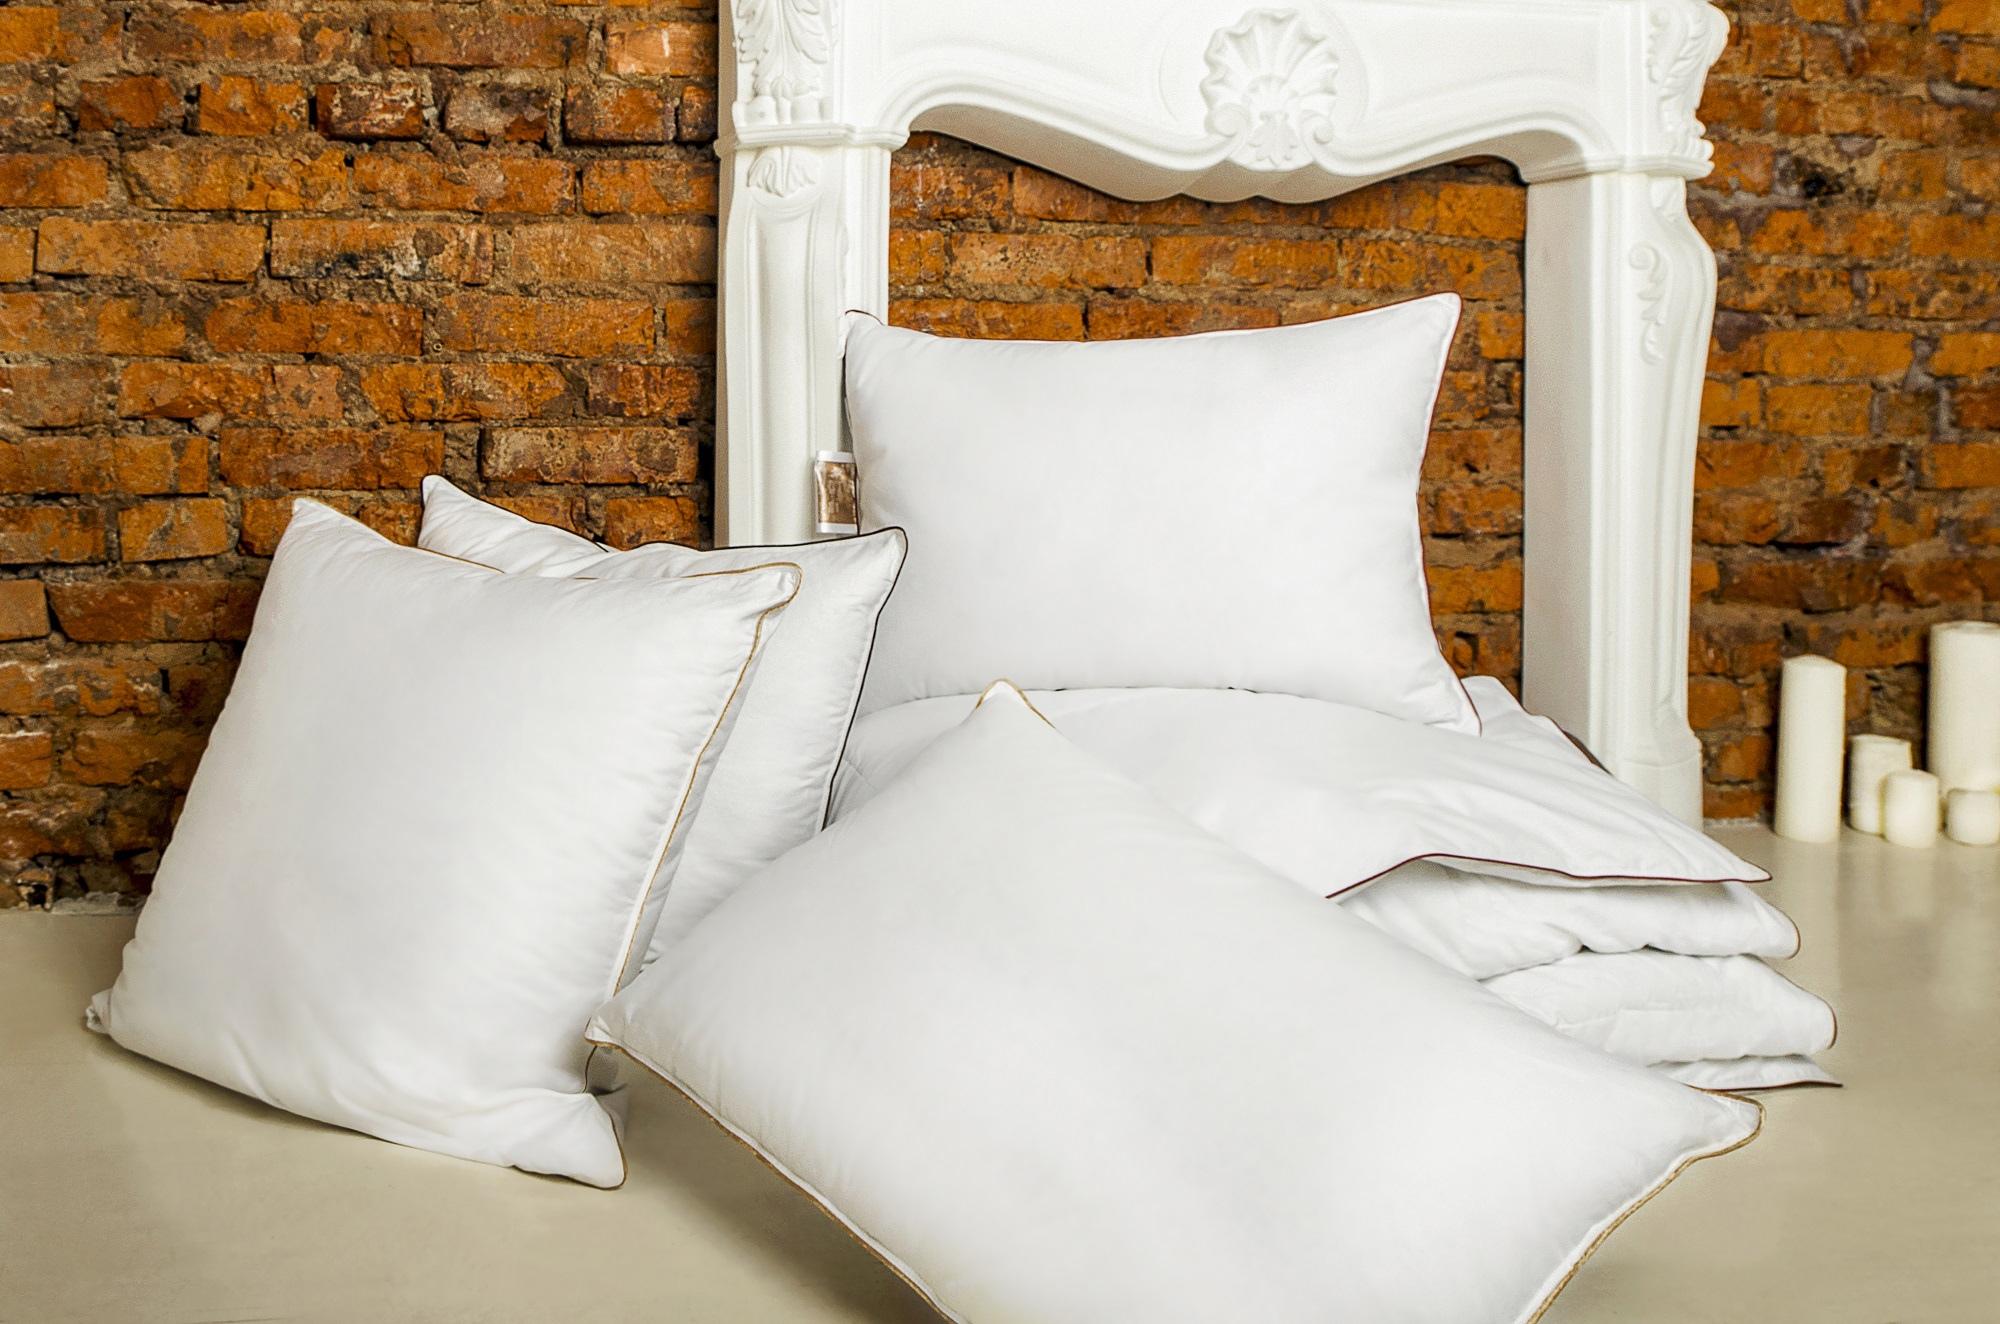 Пуховые одеяла и подушки от производителя в Тюмени